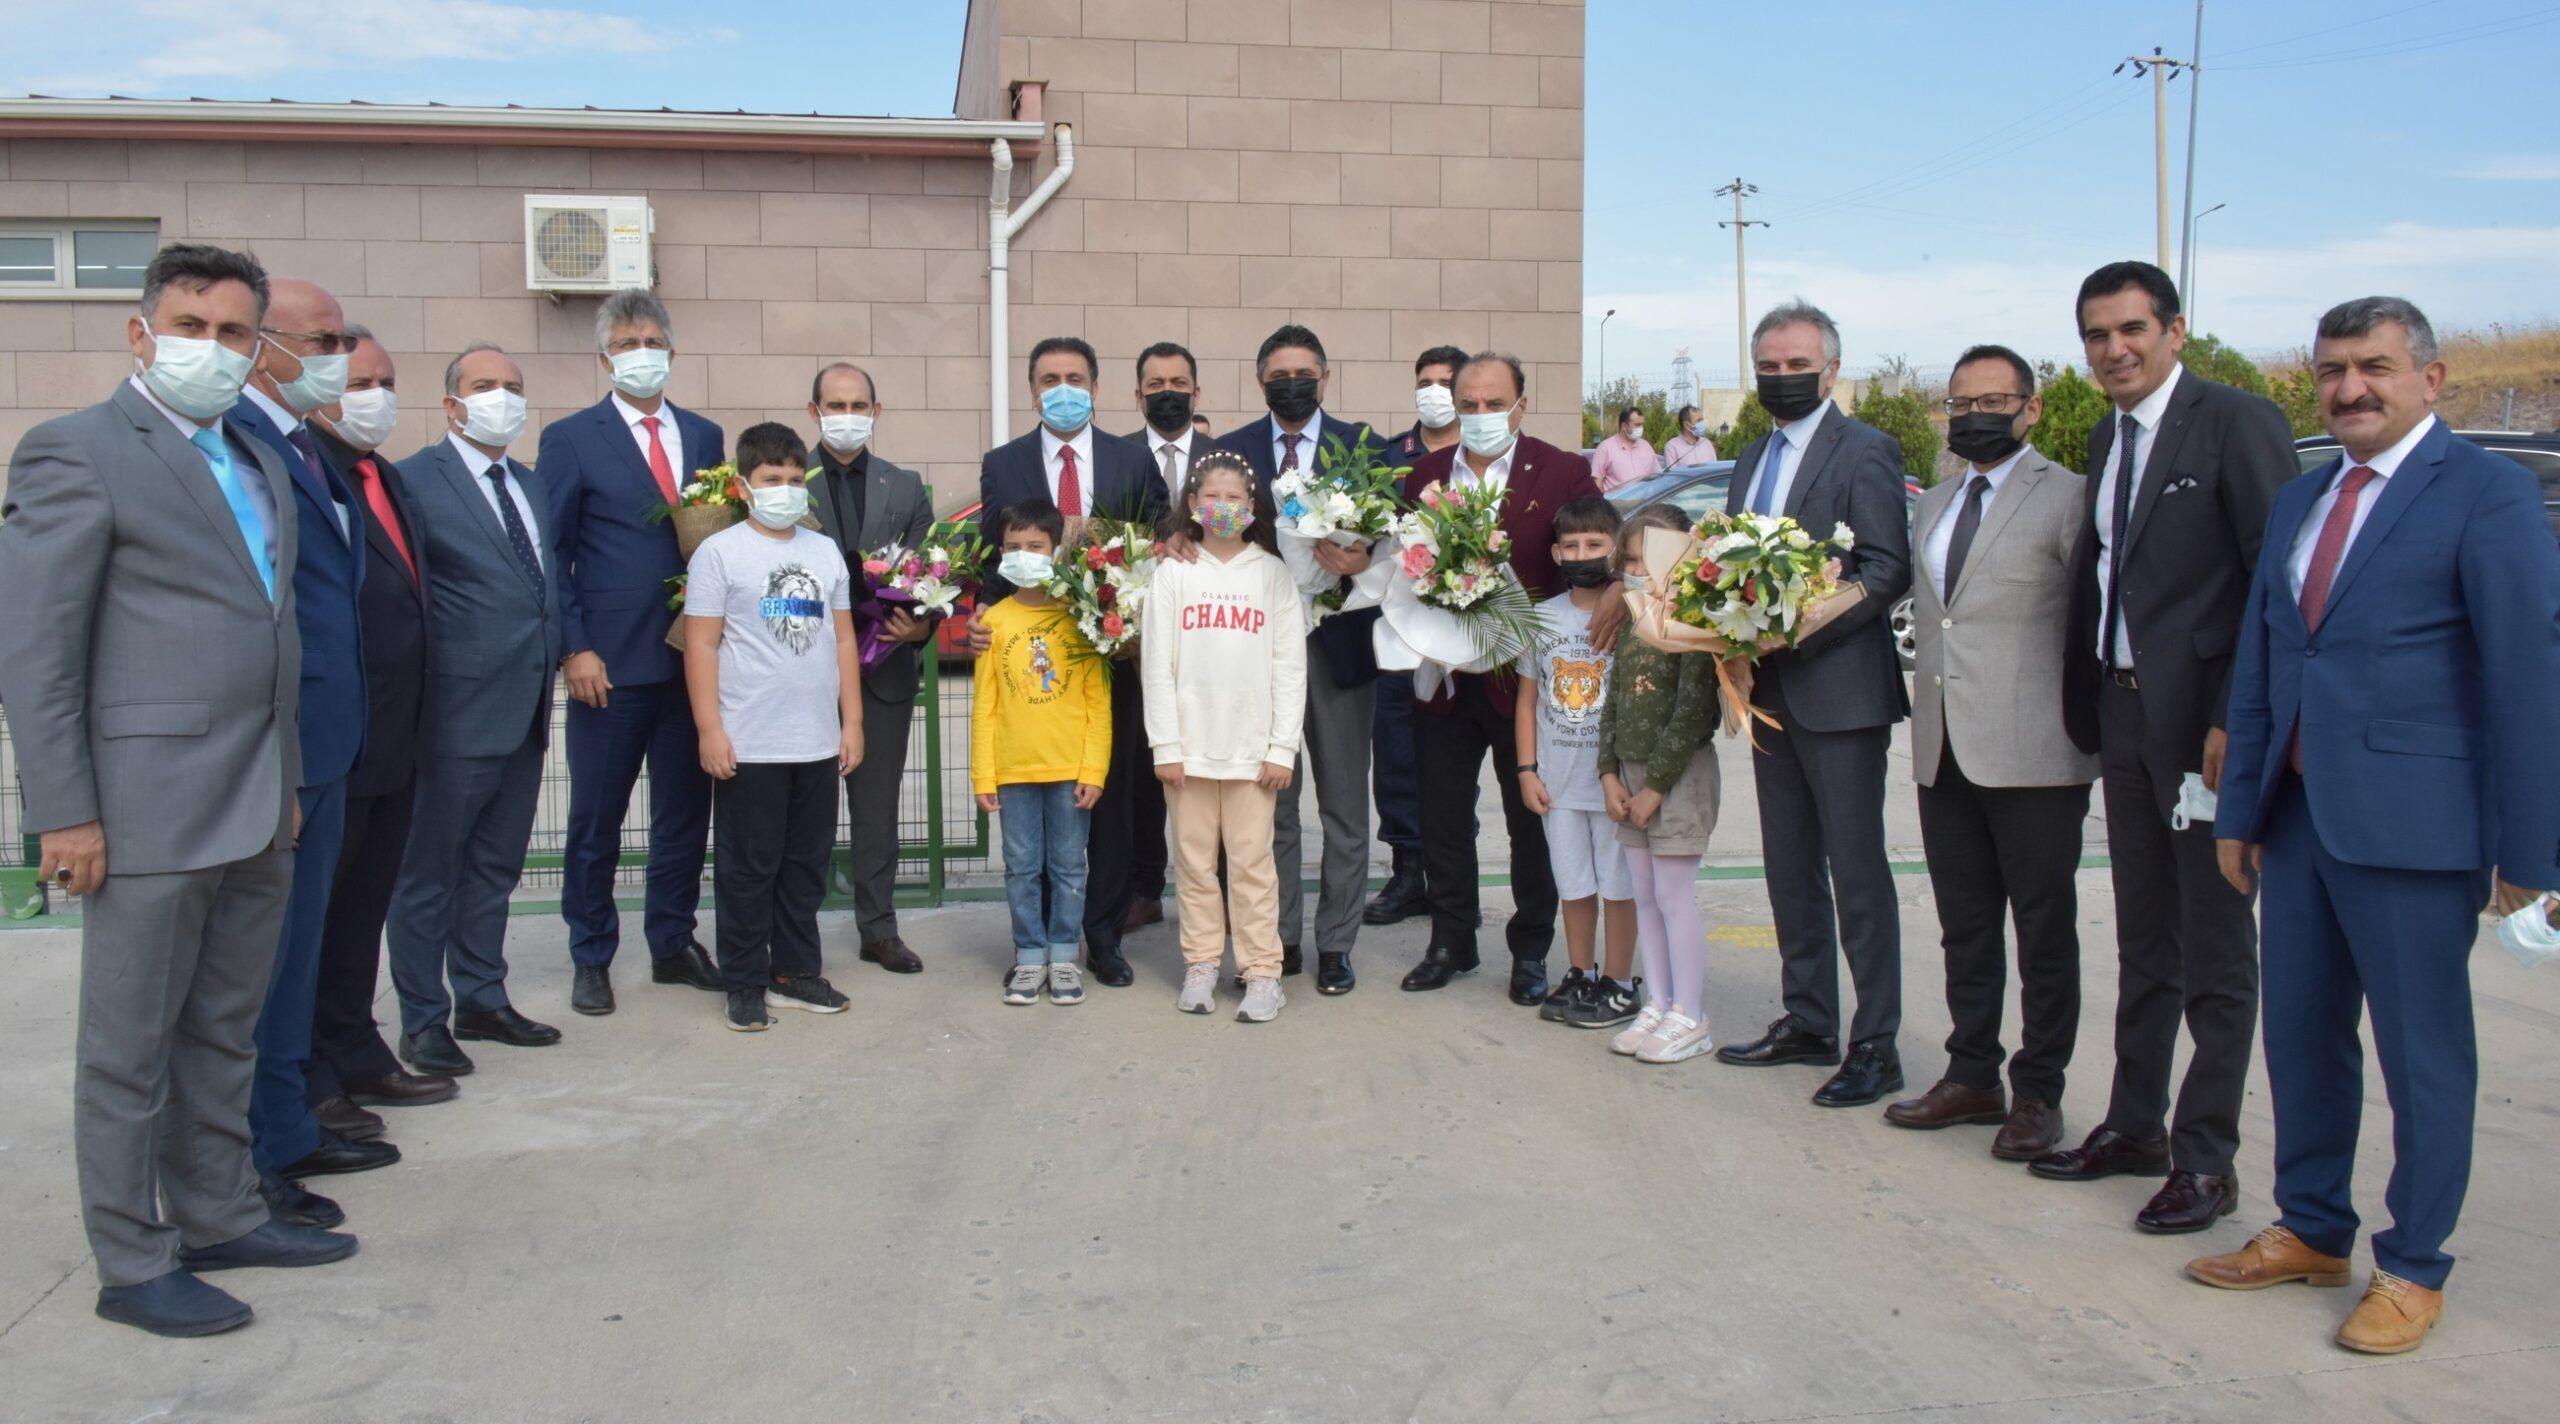 Aliağa Ceza İnfaz Kurumları Kampüsü'nde 105 Öğrenci Eğitim Görüyor...